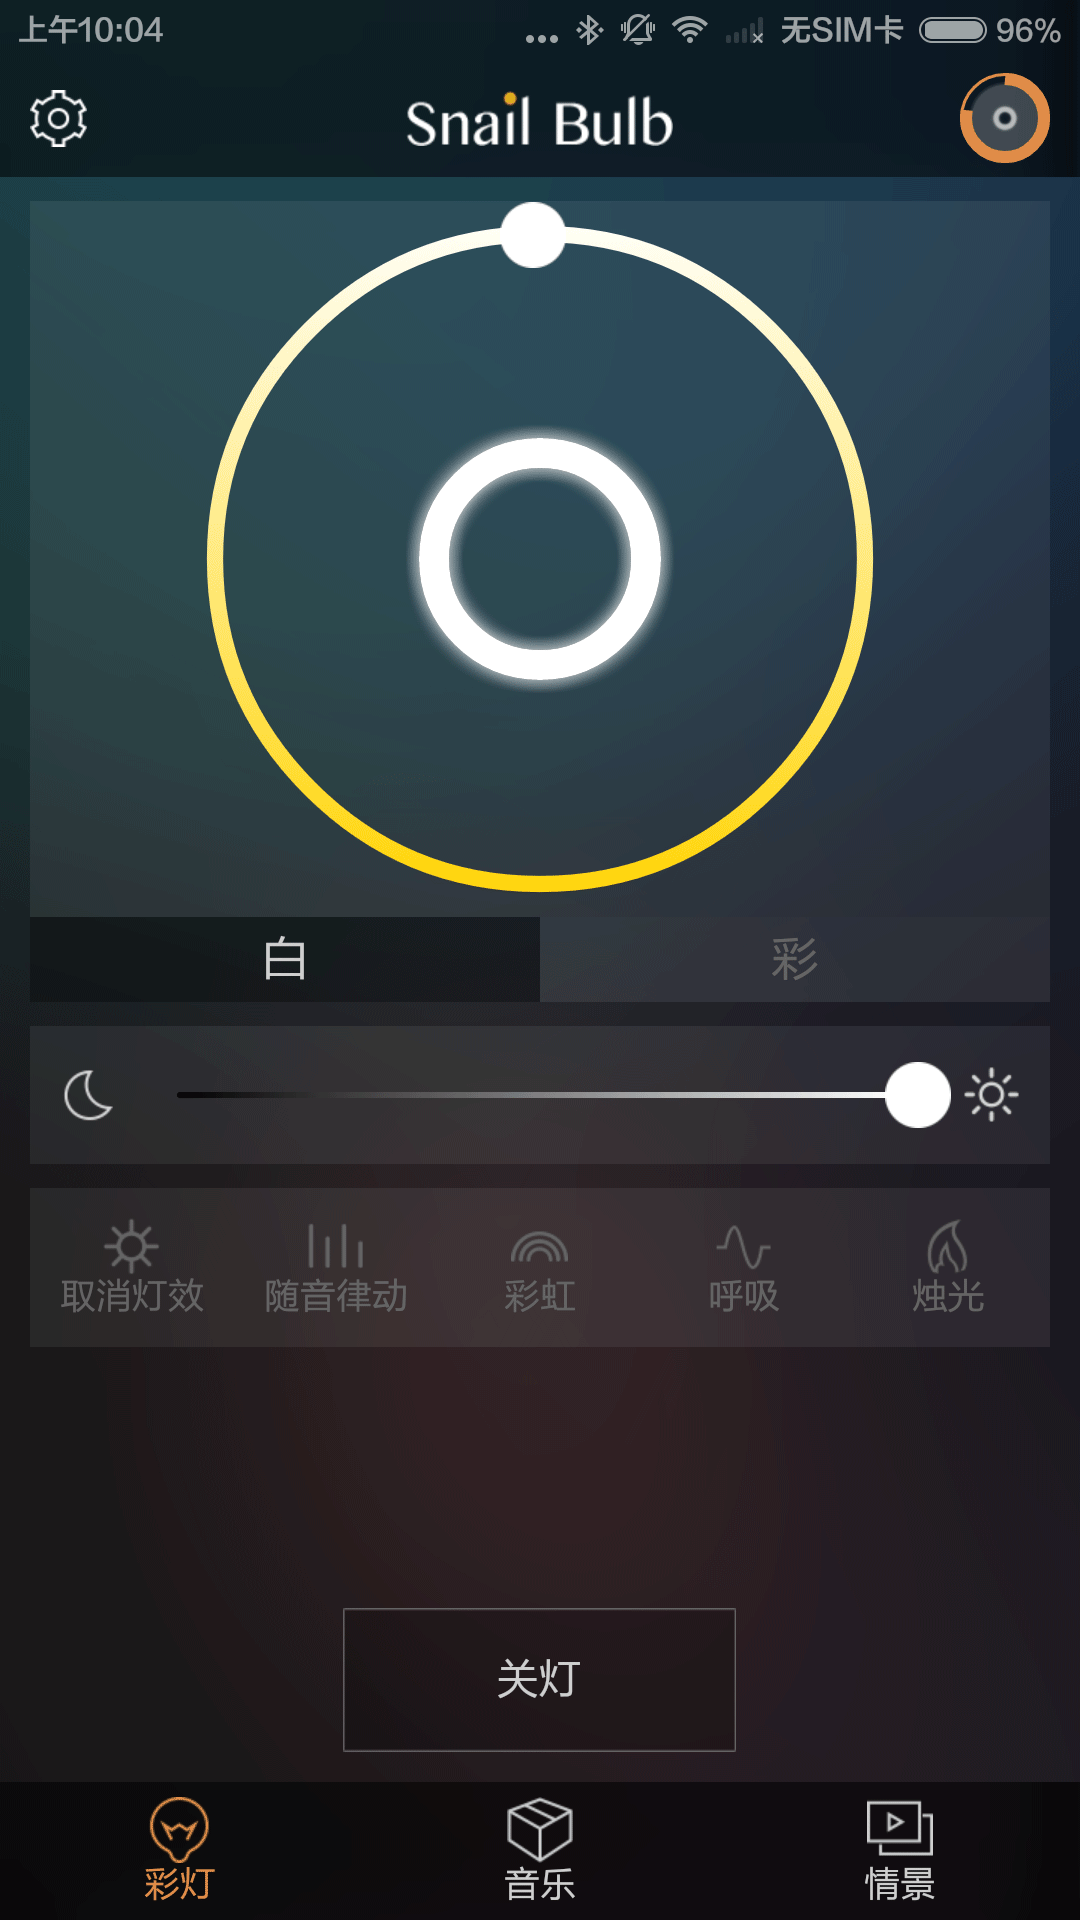 蜗灯软件截图1